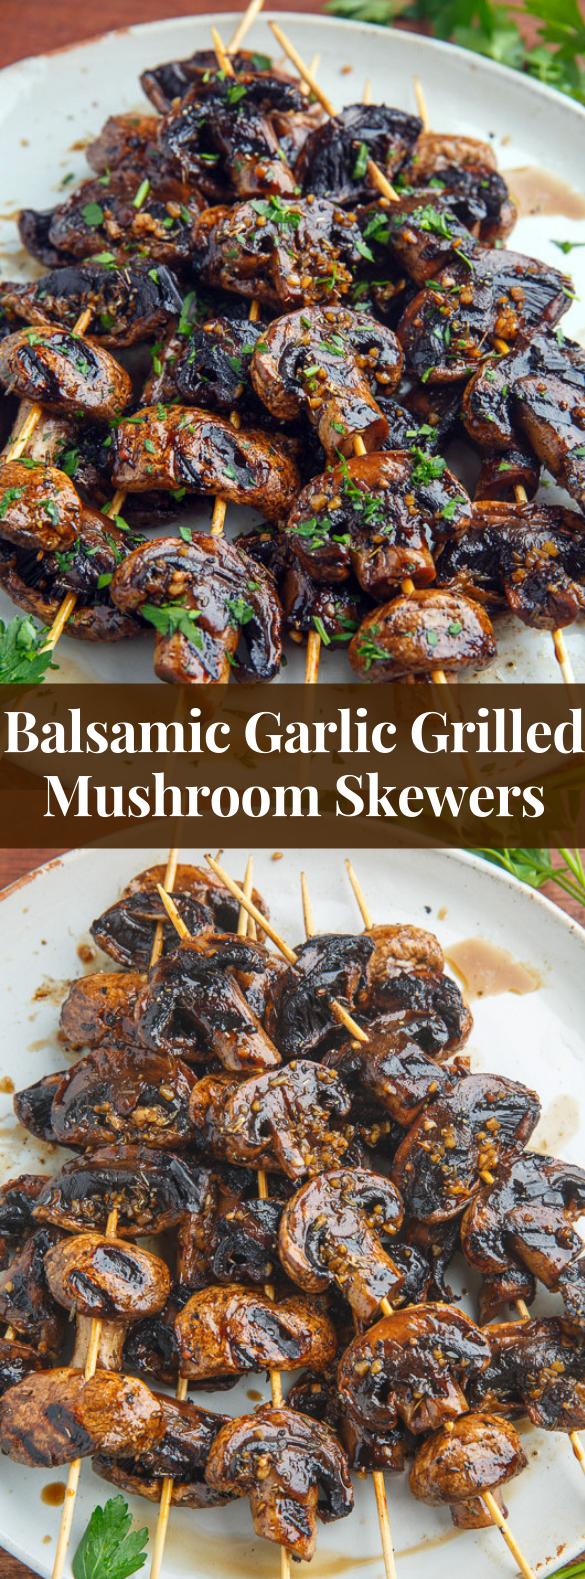 Balsamic Garlic Grilled Mushroom Skewers #vegetrarian #veggies